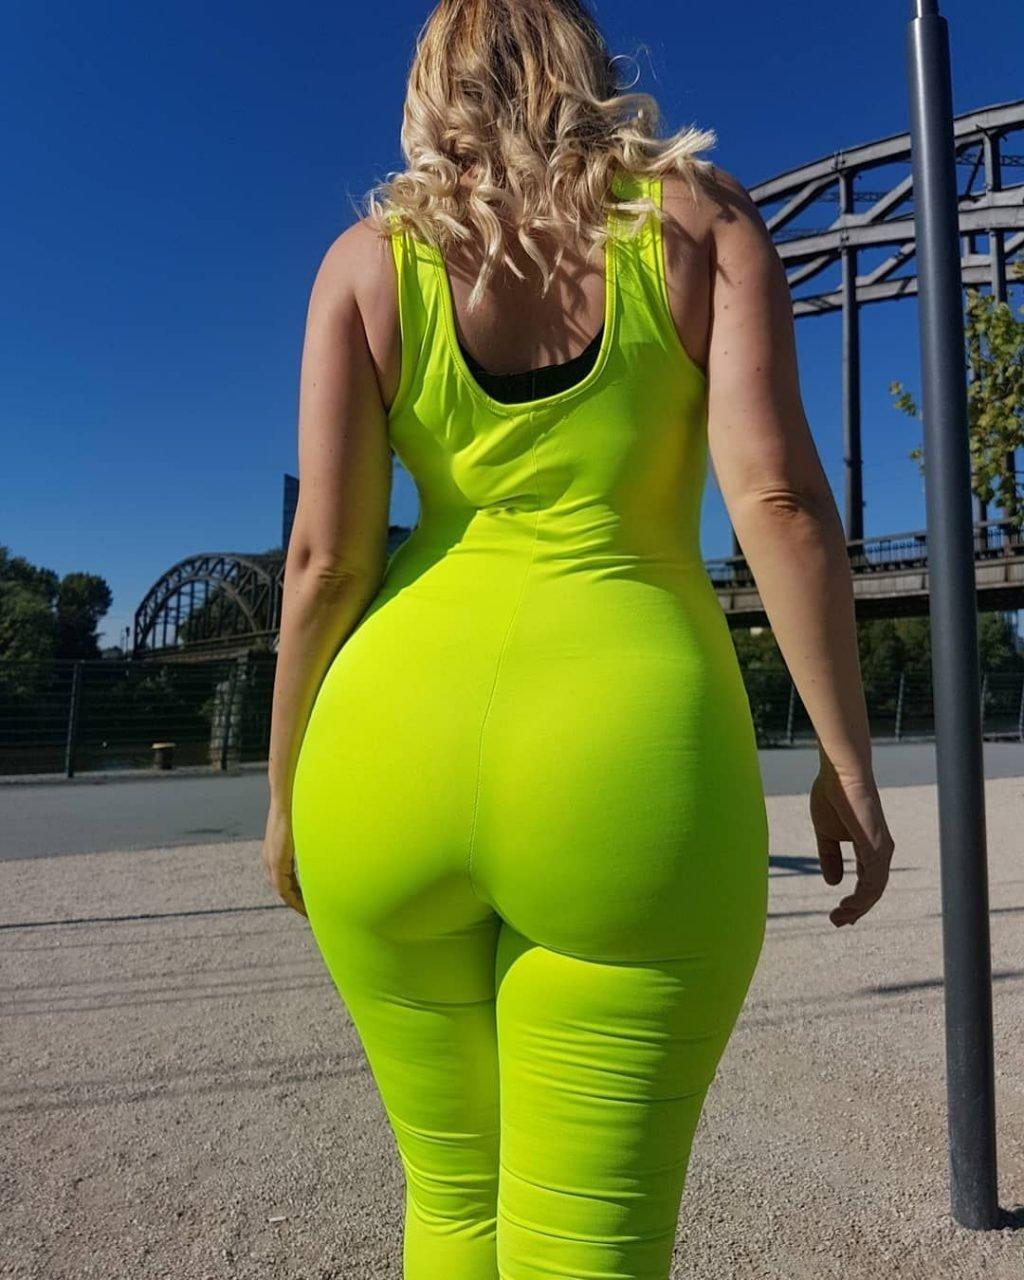 Finya Hohner Sexy (11 Photos)